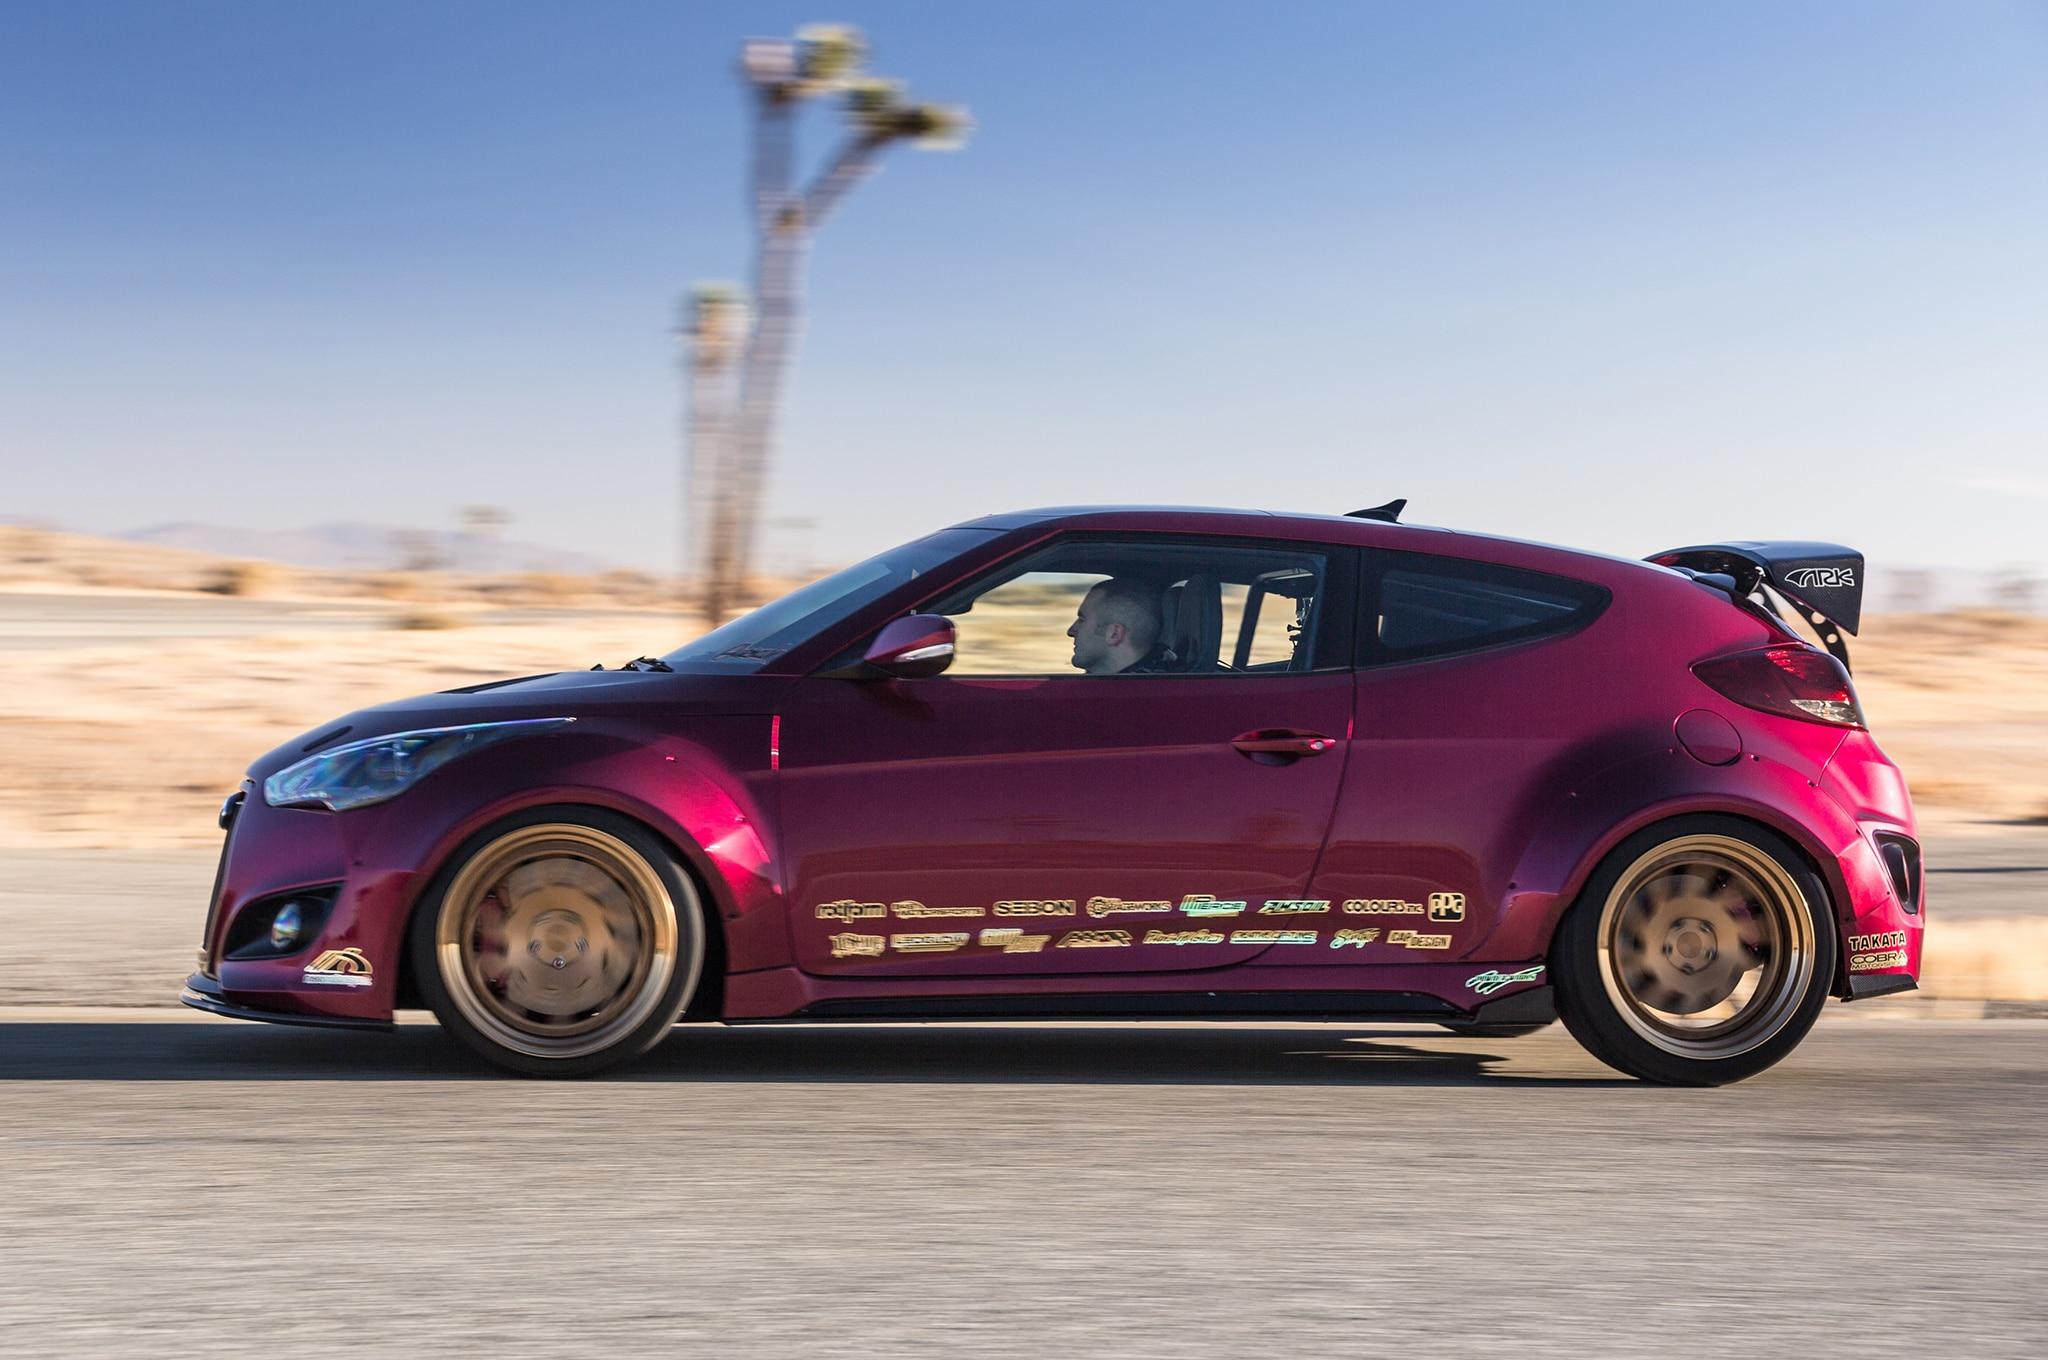 Sema 2016 1 040 Horsepower Hyundai Concept Automobile